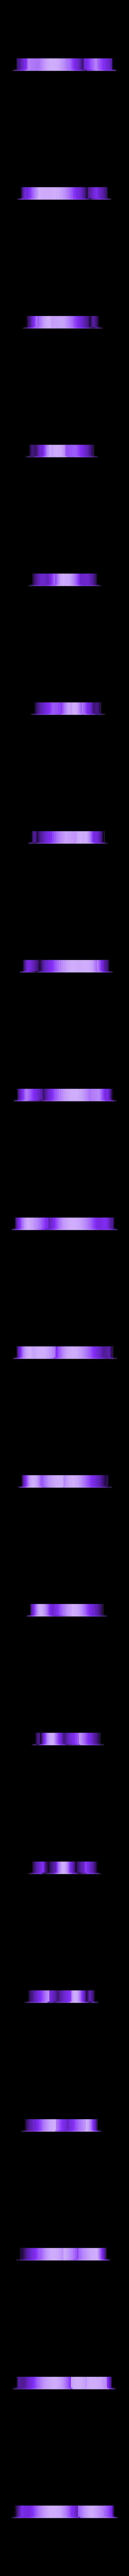 vagi_cookie new.stl Télécharger fichier STL Découpeur de vulve • Objet imprimable en 3D, 3D_Maniac